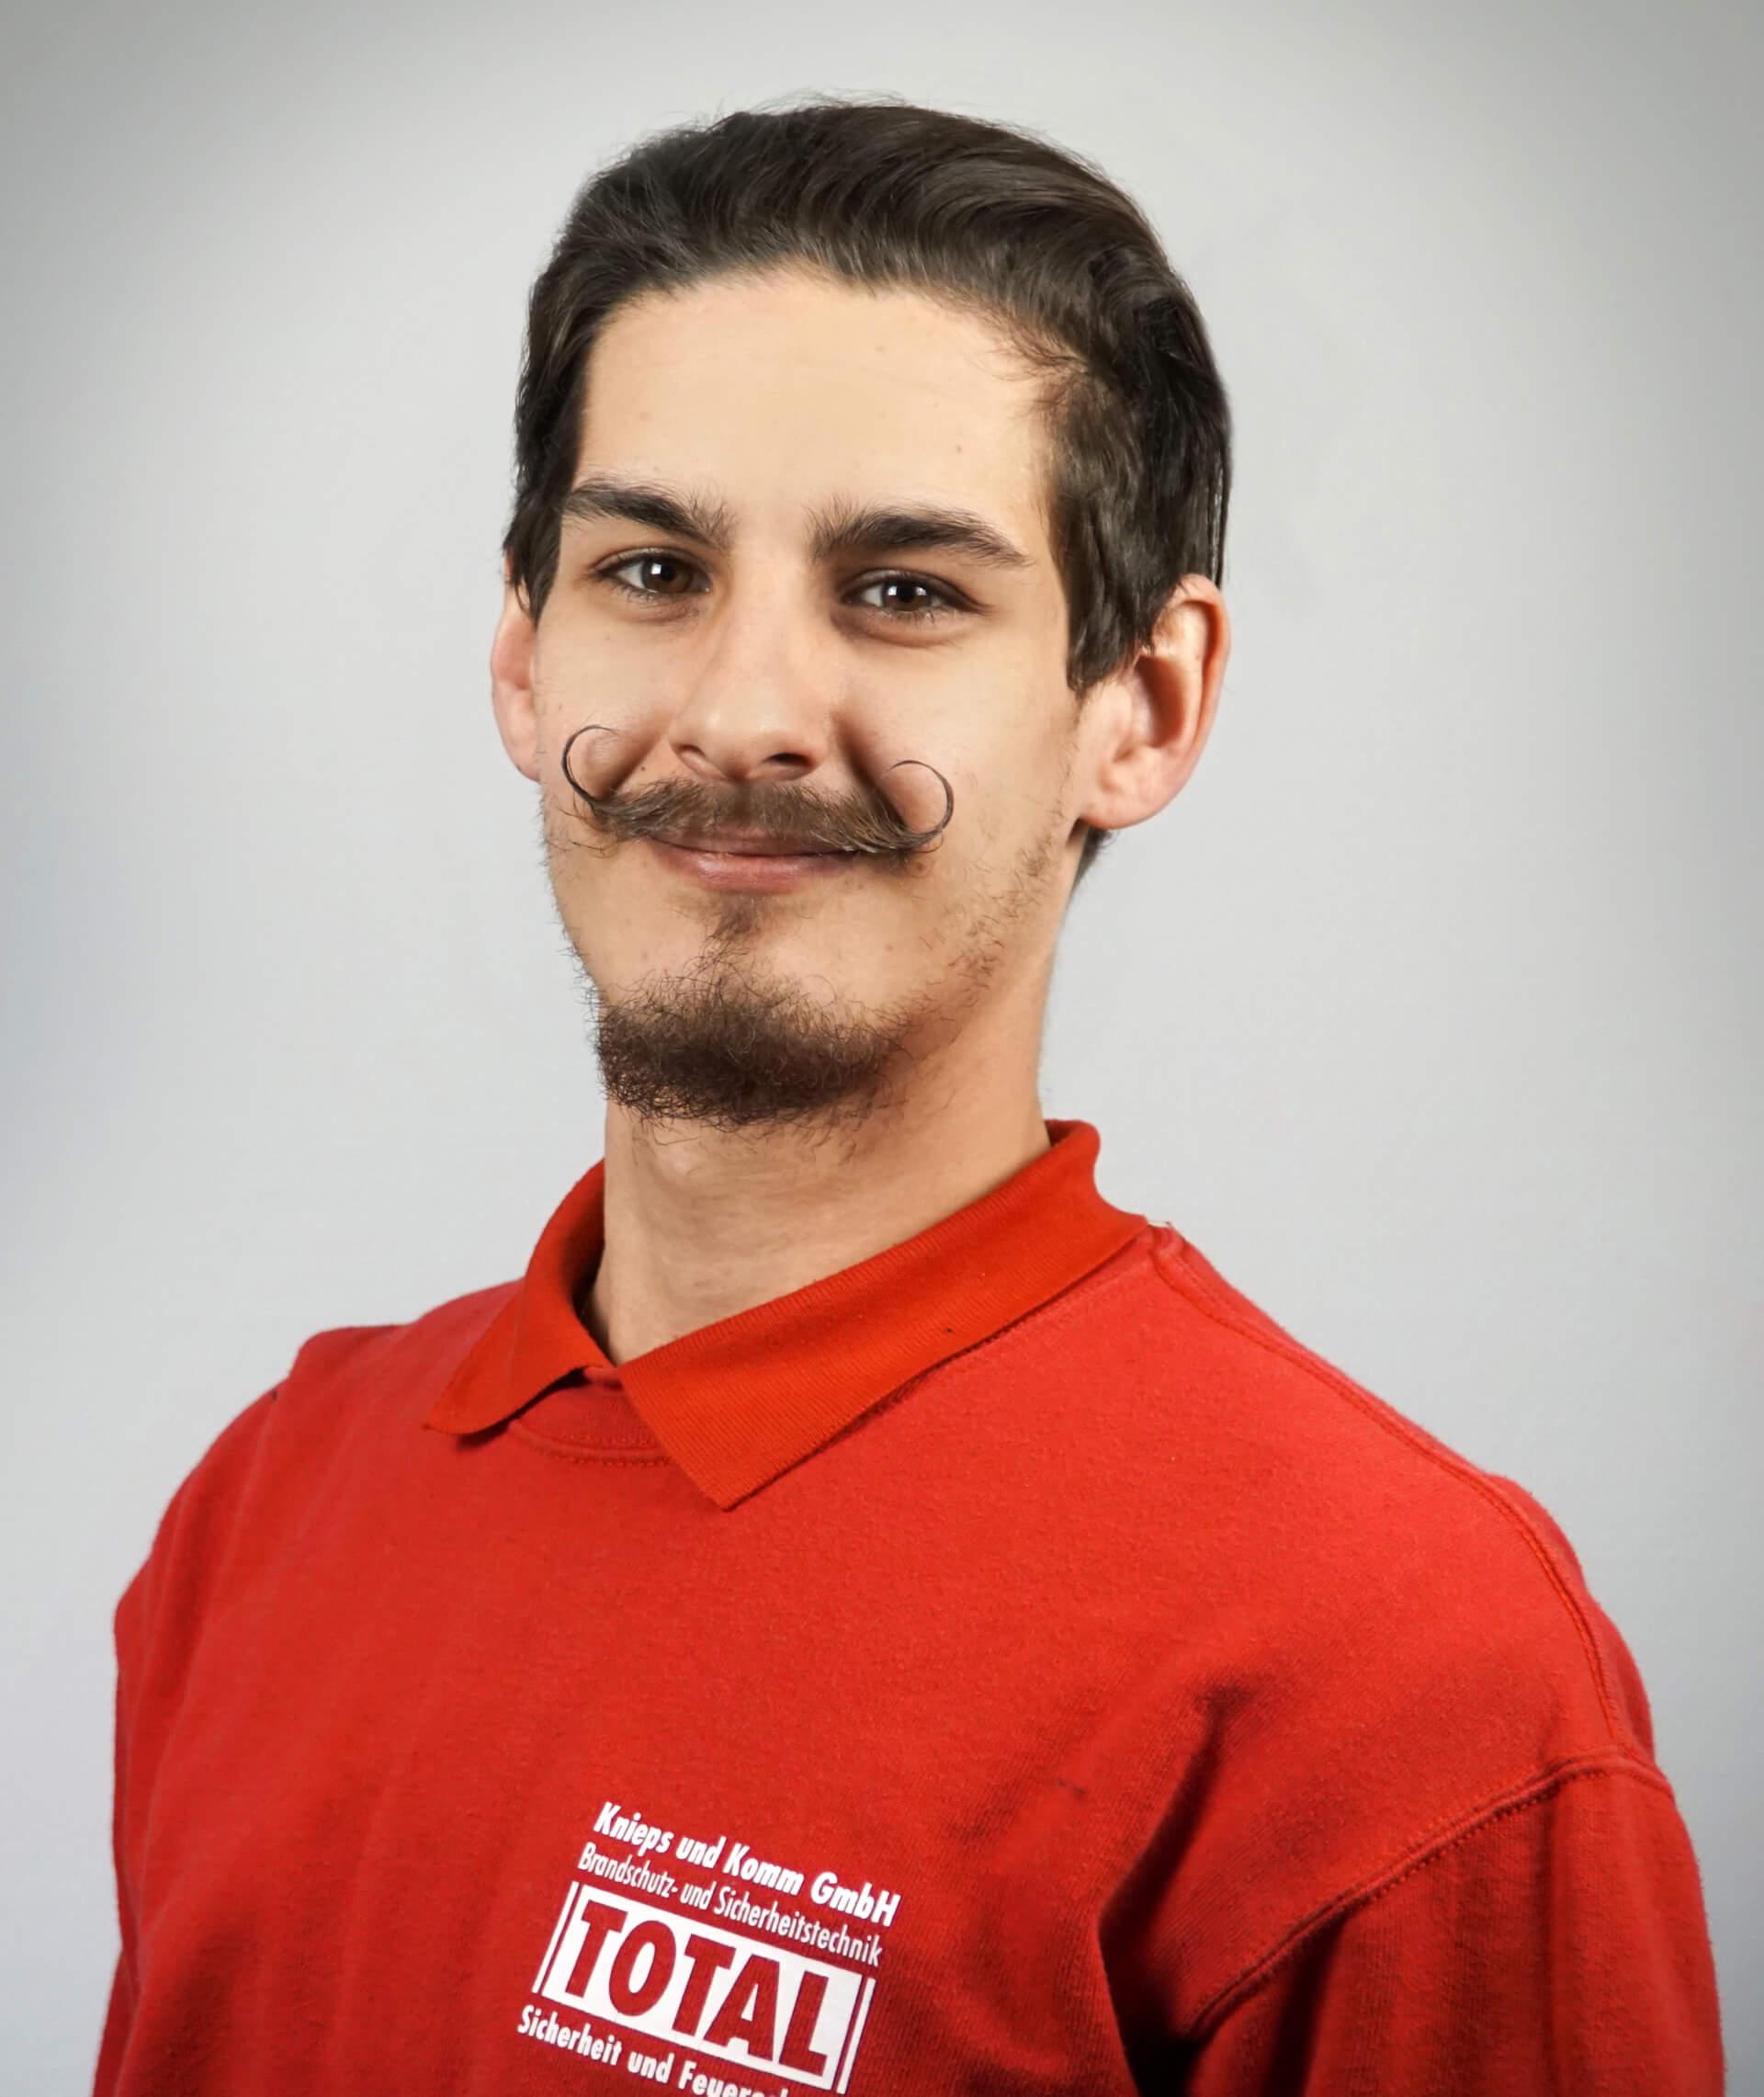 John Bremhorst von der Knieps & Komm GmbH